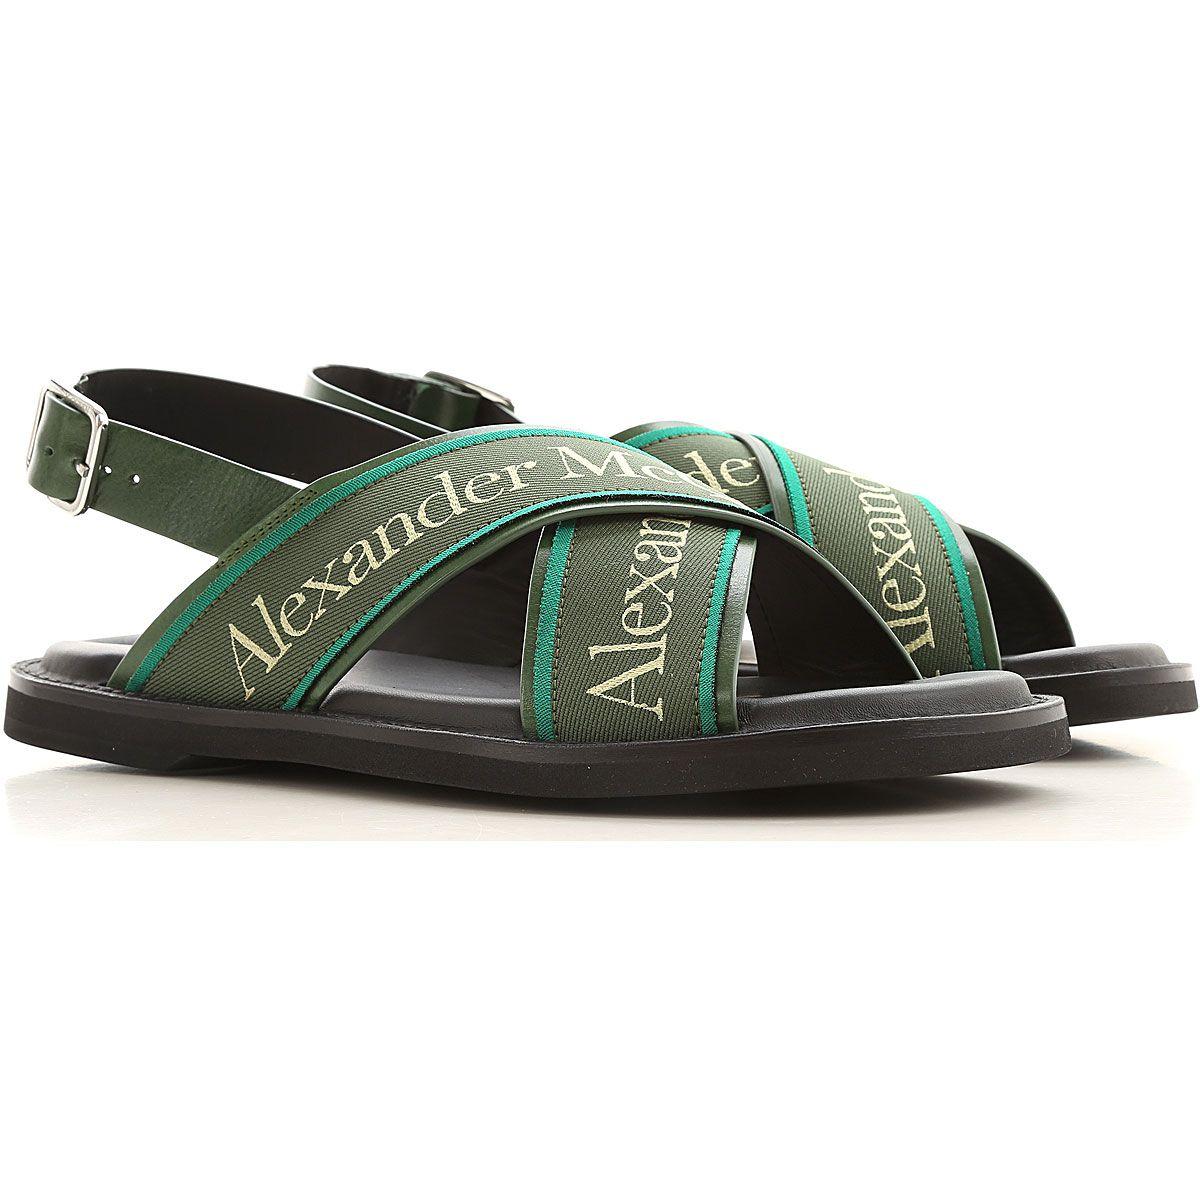 Alexander Mcqueen Sandalias De Hombre Baratos En Rebajas Outlet Verde Piel 2019 41 44 En 2021 Sandalias Hombre Zapatos Hombre Metal Plateado